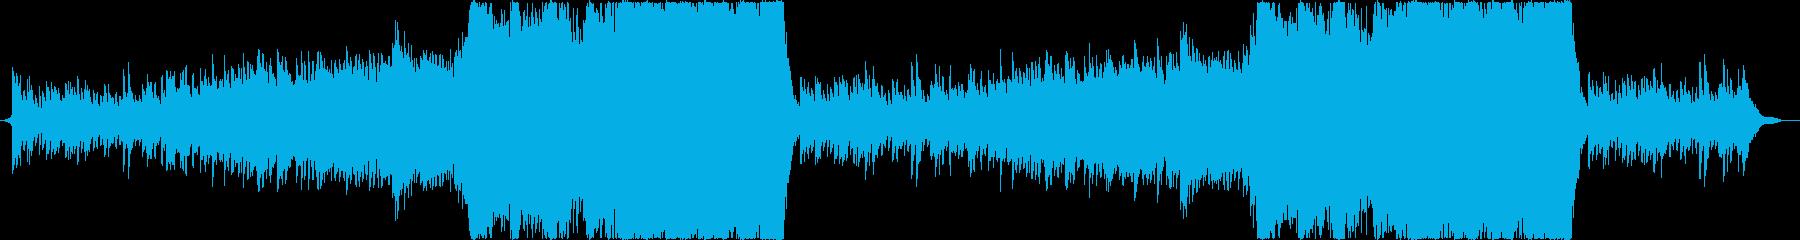 現代の交響曲 企業イメージ 劇的な...の再生済みの波形